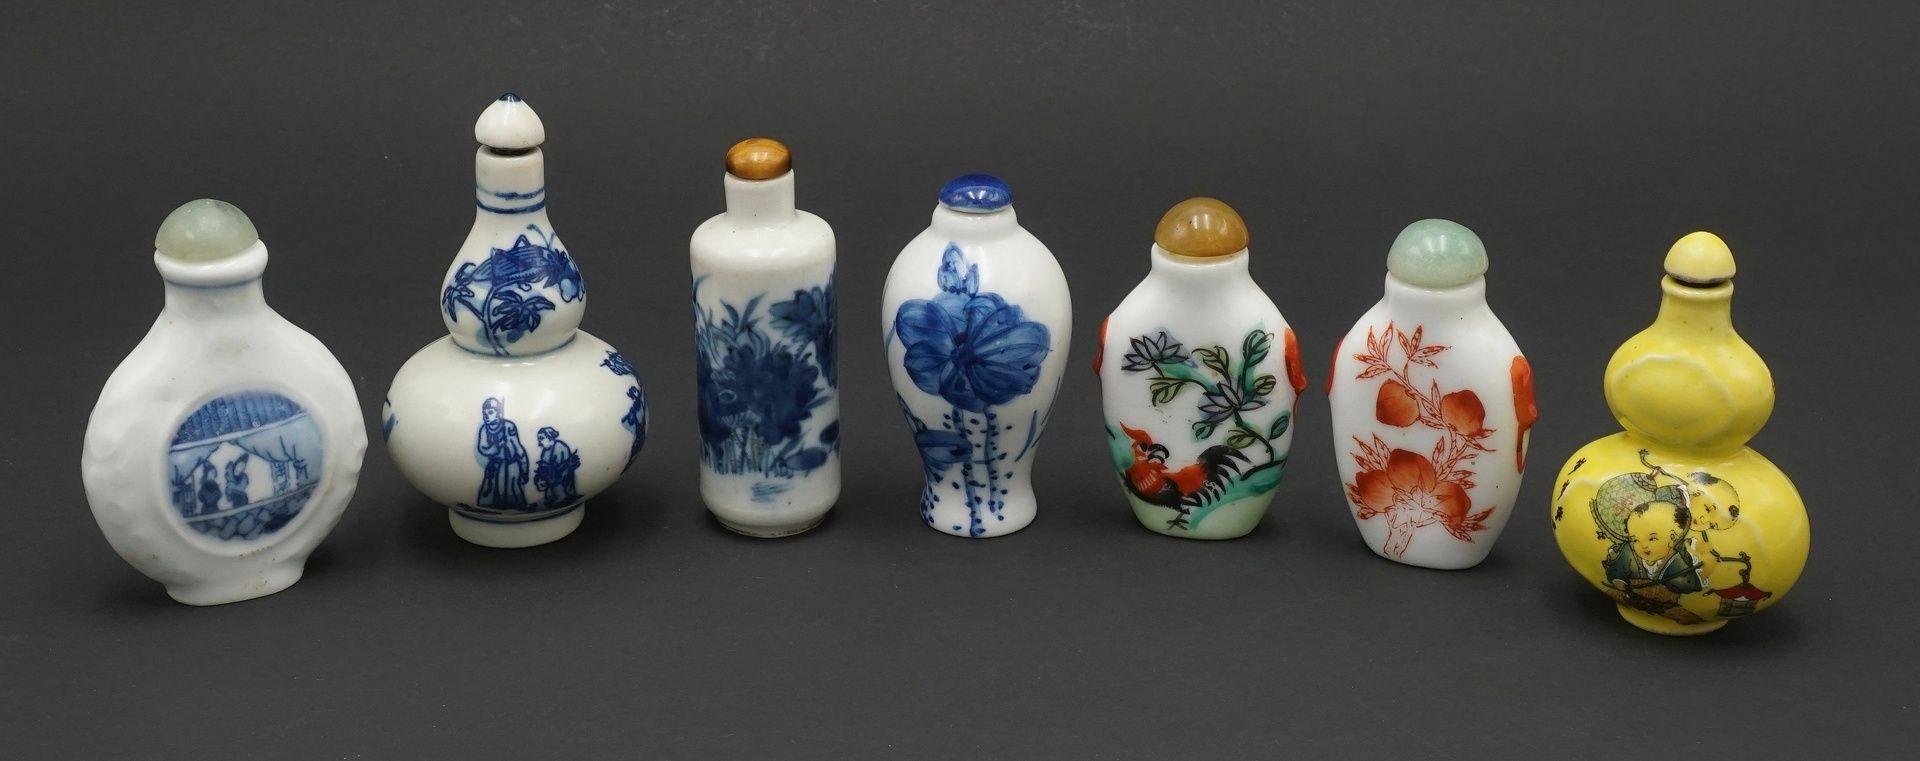 Sieben Snuff Bottles, China